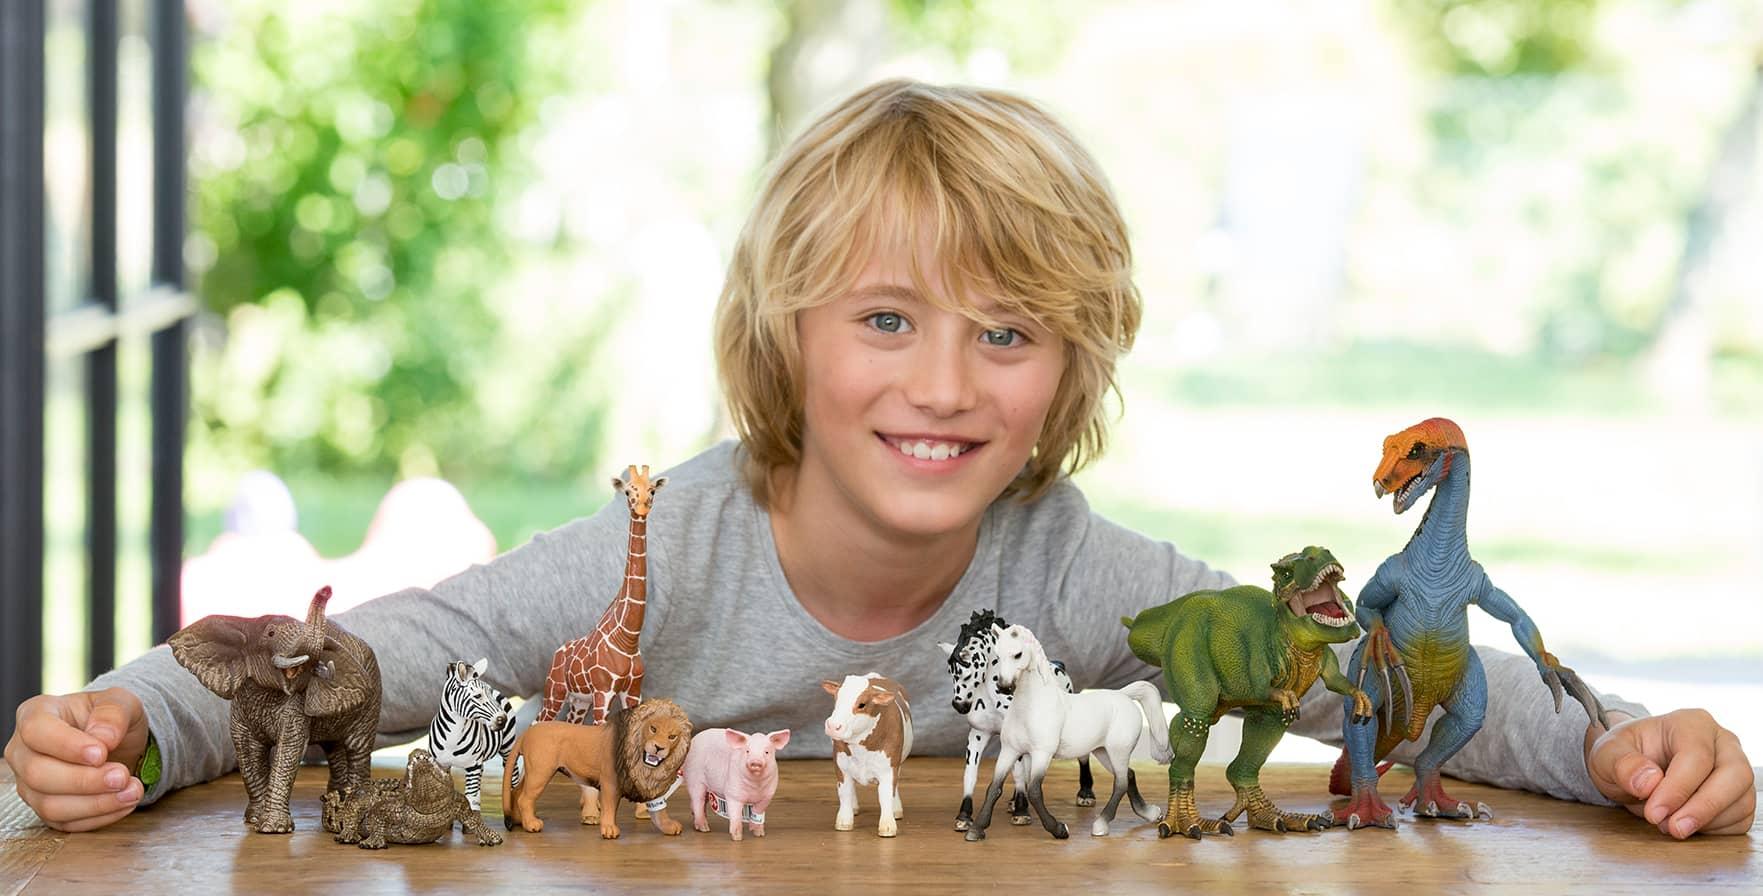 Junge spielt mit Schleich Spielfiguren